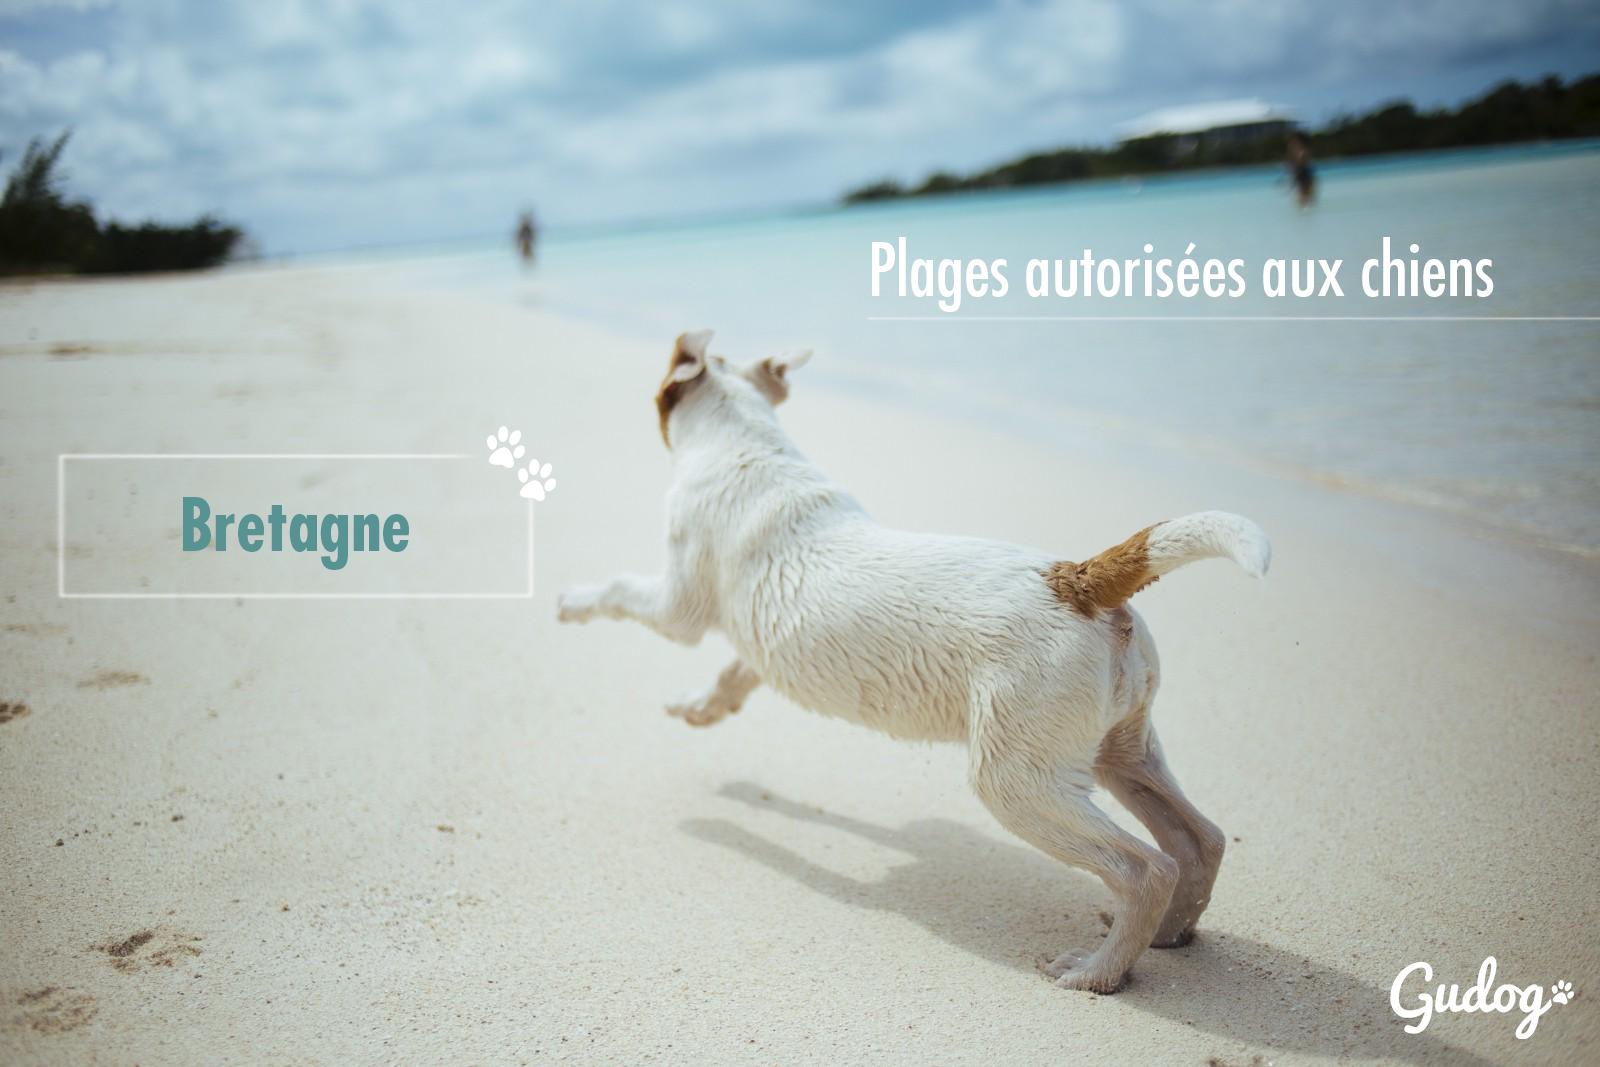 plages autorisées aux chiens bretagne